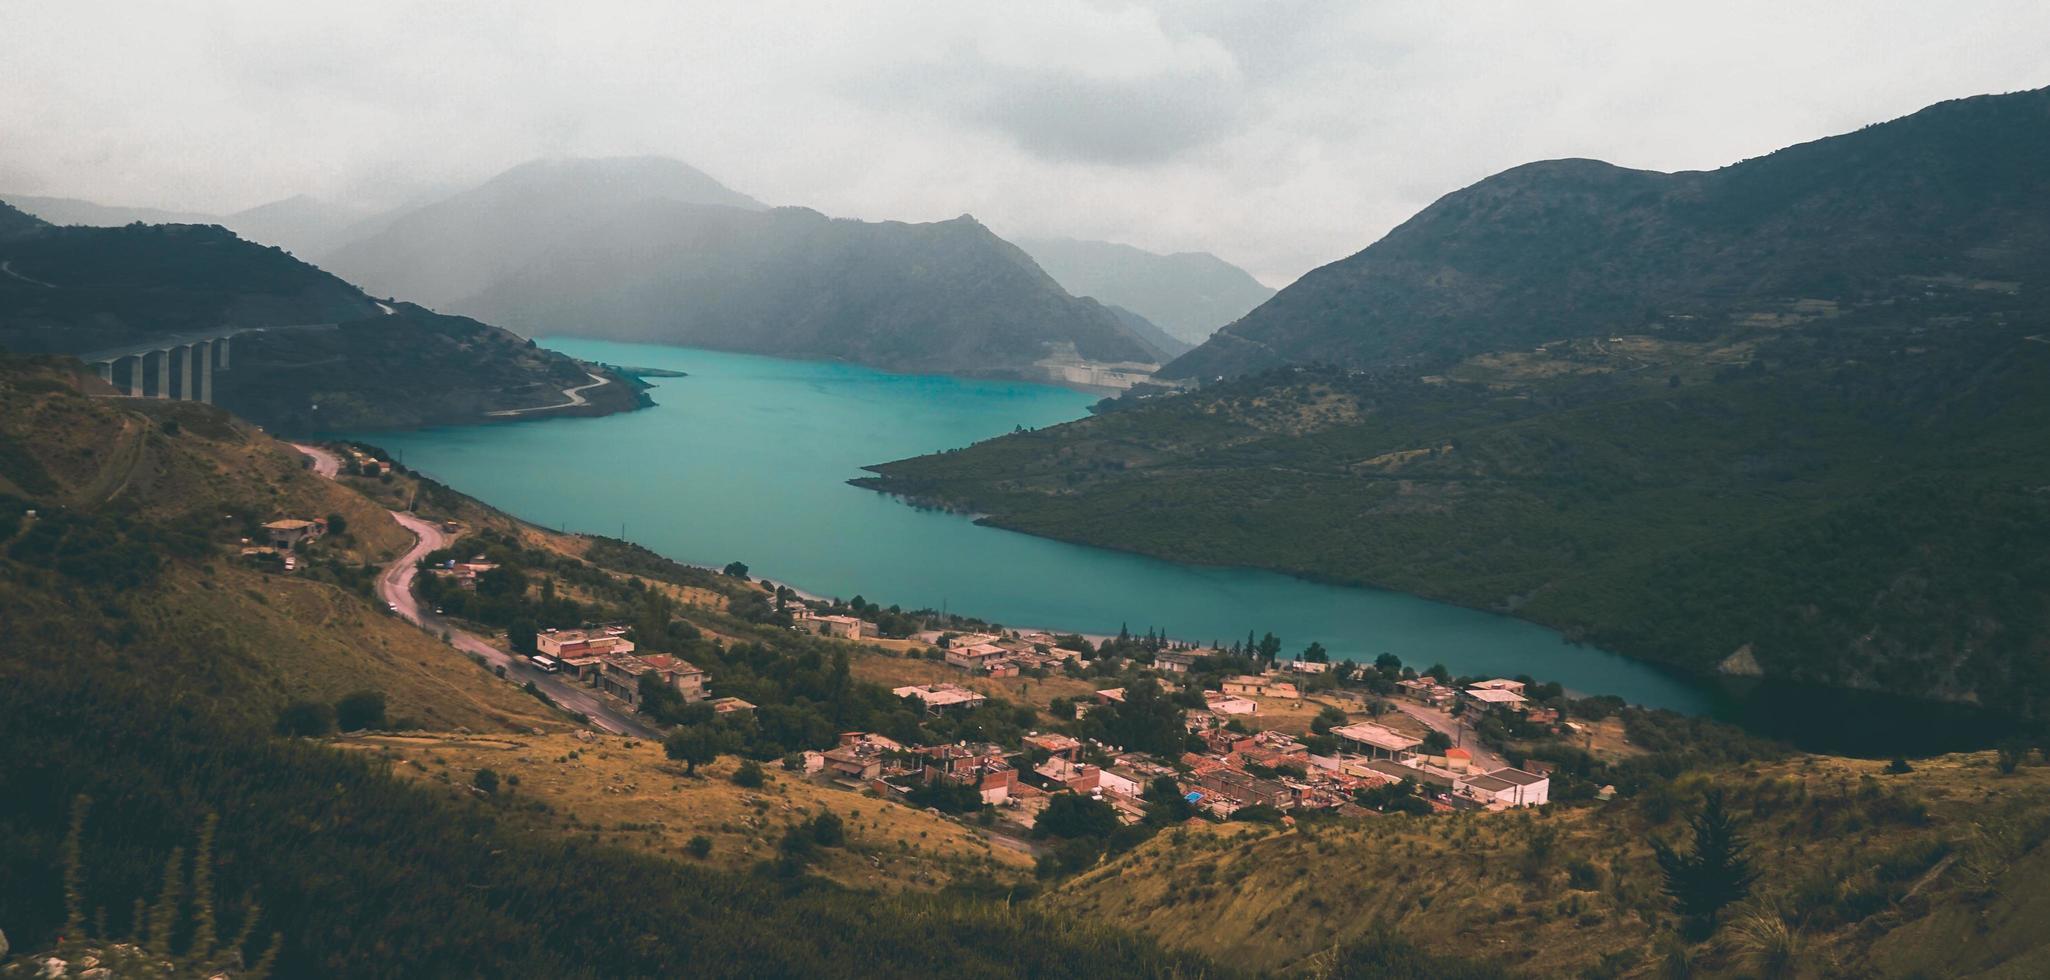 vue aérienne des maisons et des montagnes au bord du lac photo